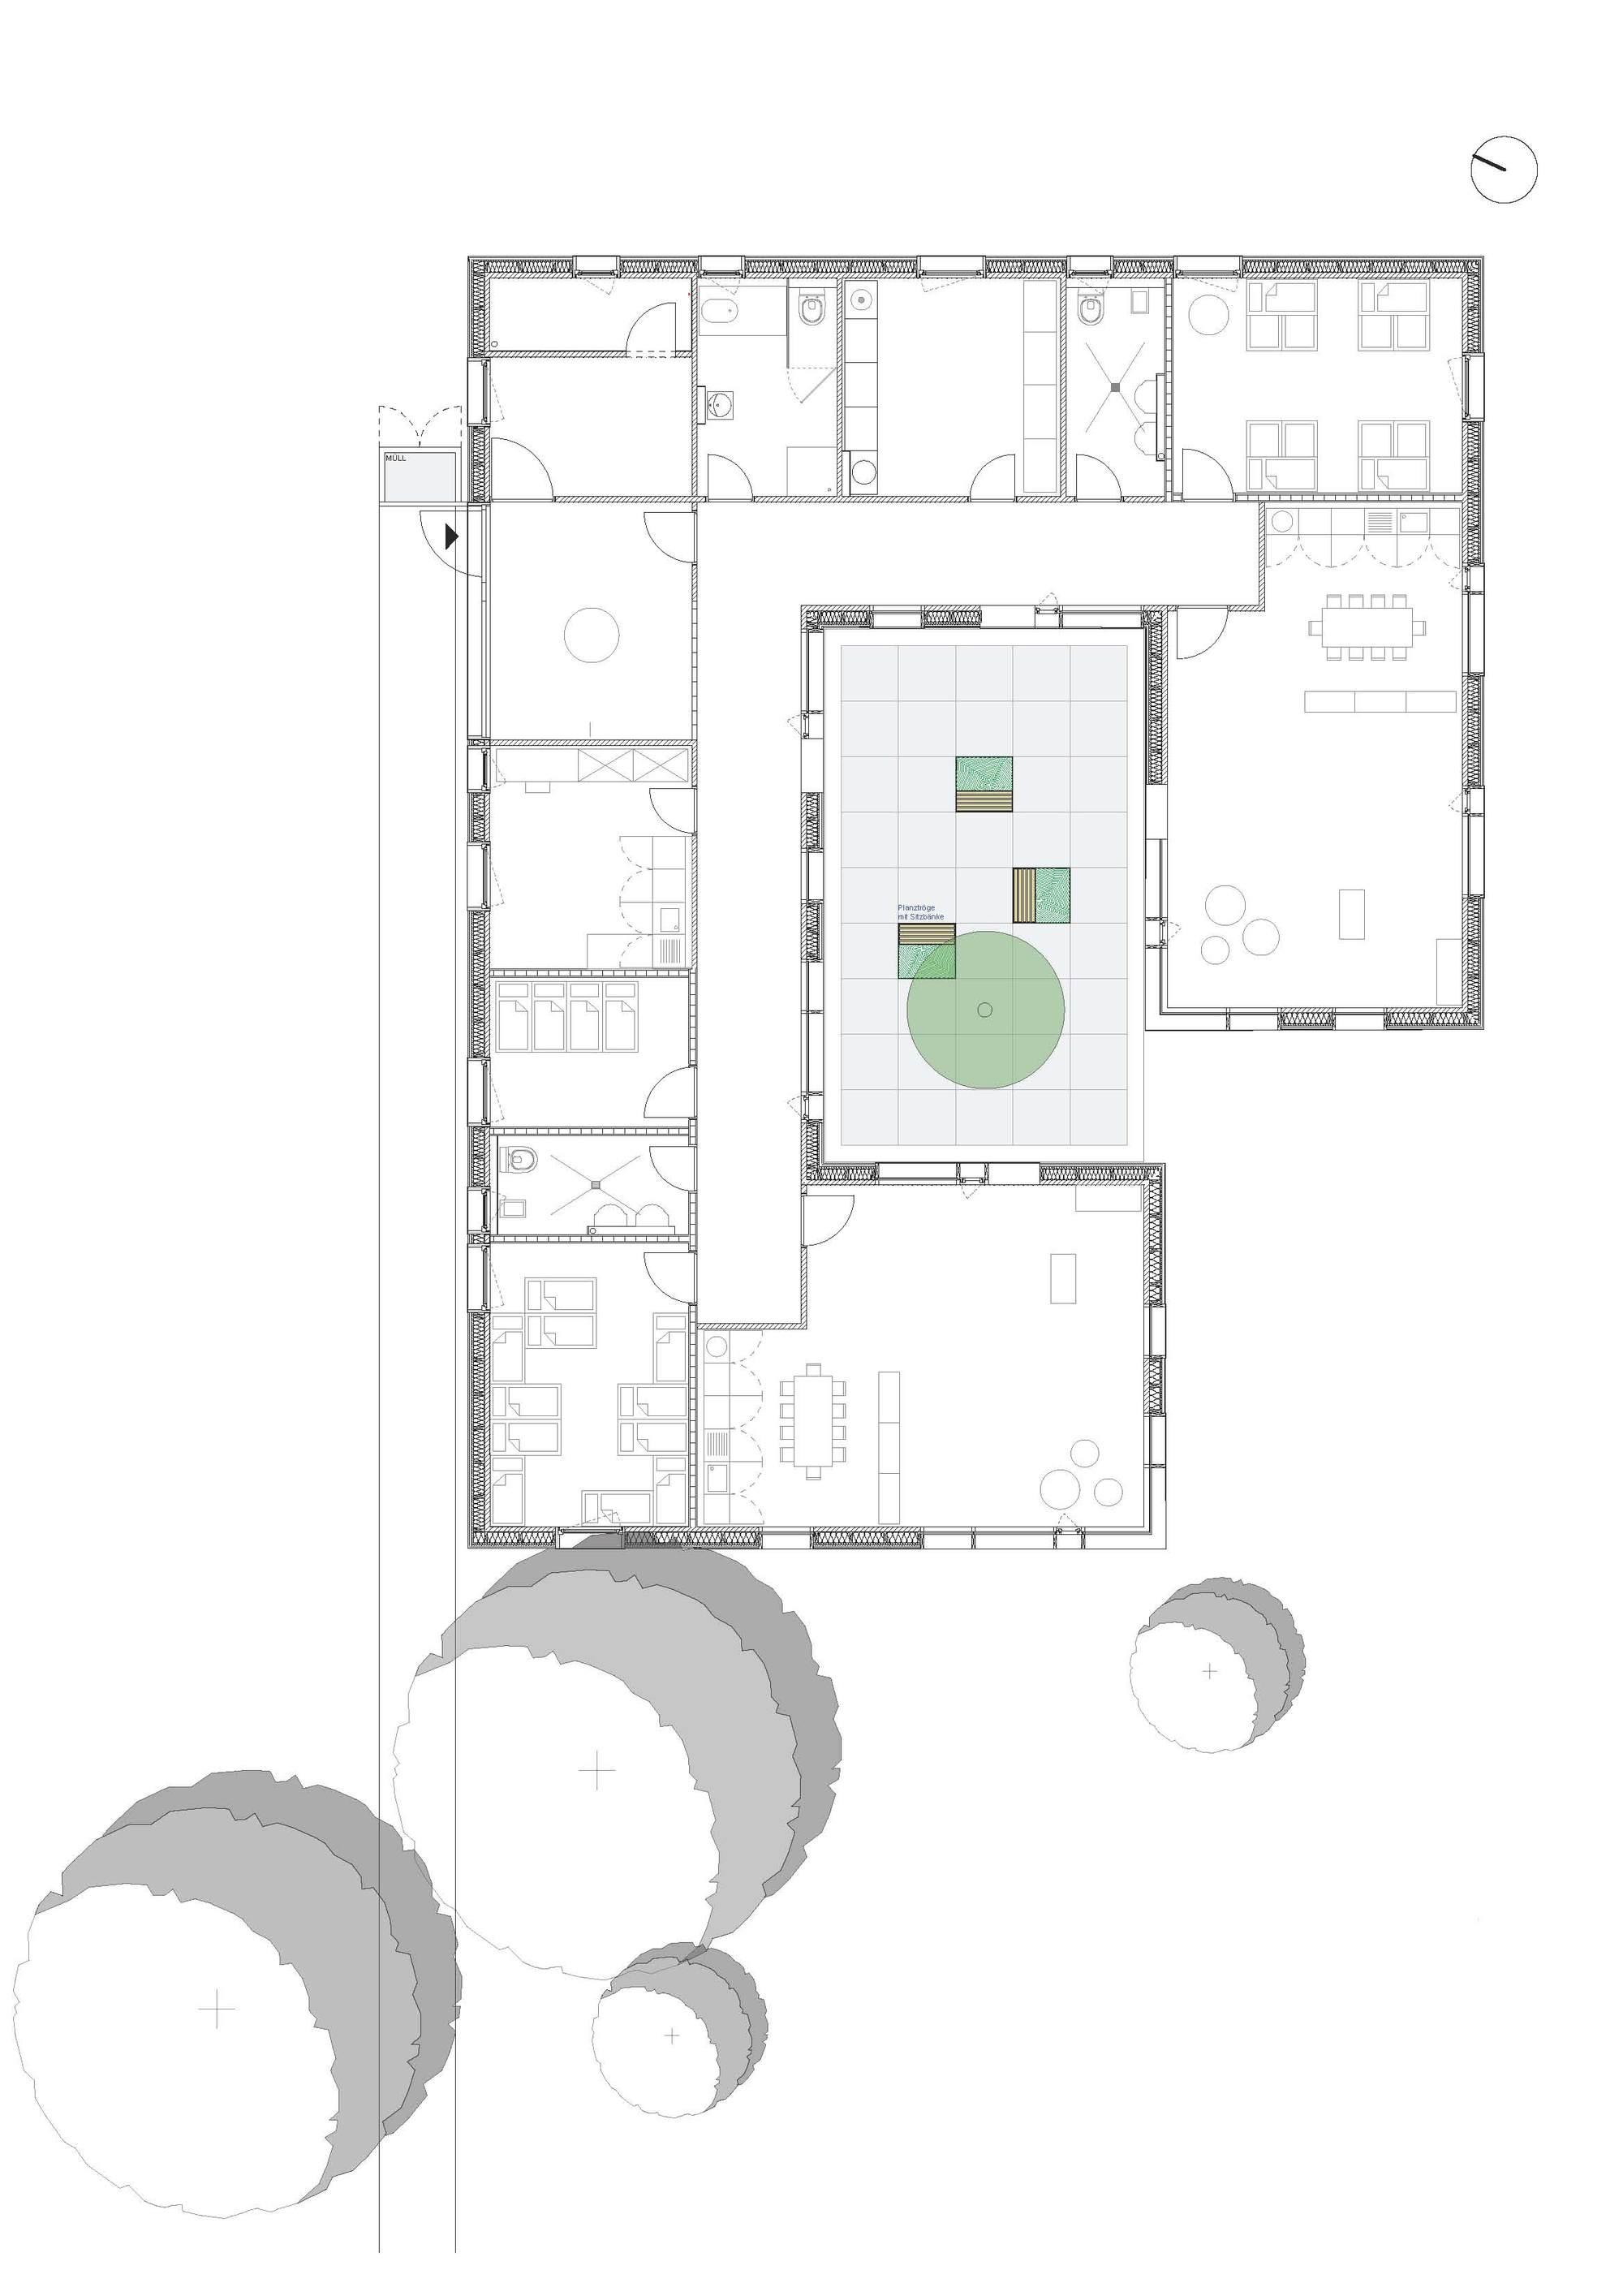 Gallery of kinderkrippe pollenfeld k hnlein architektur 15 - Architektur plan ...